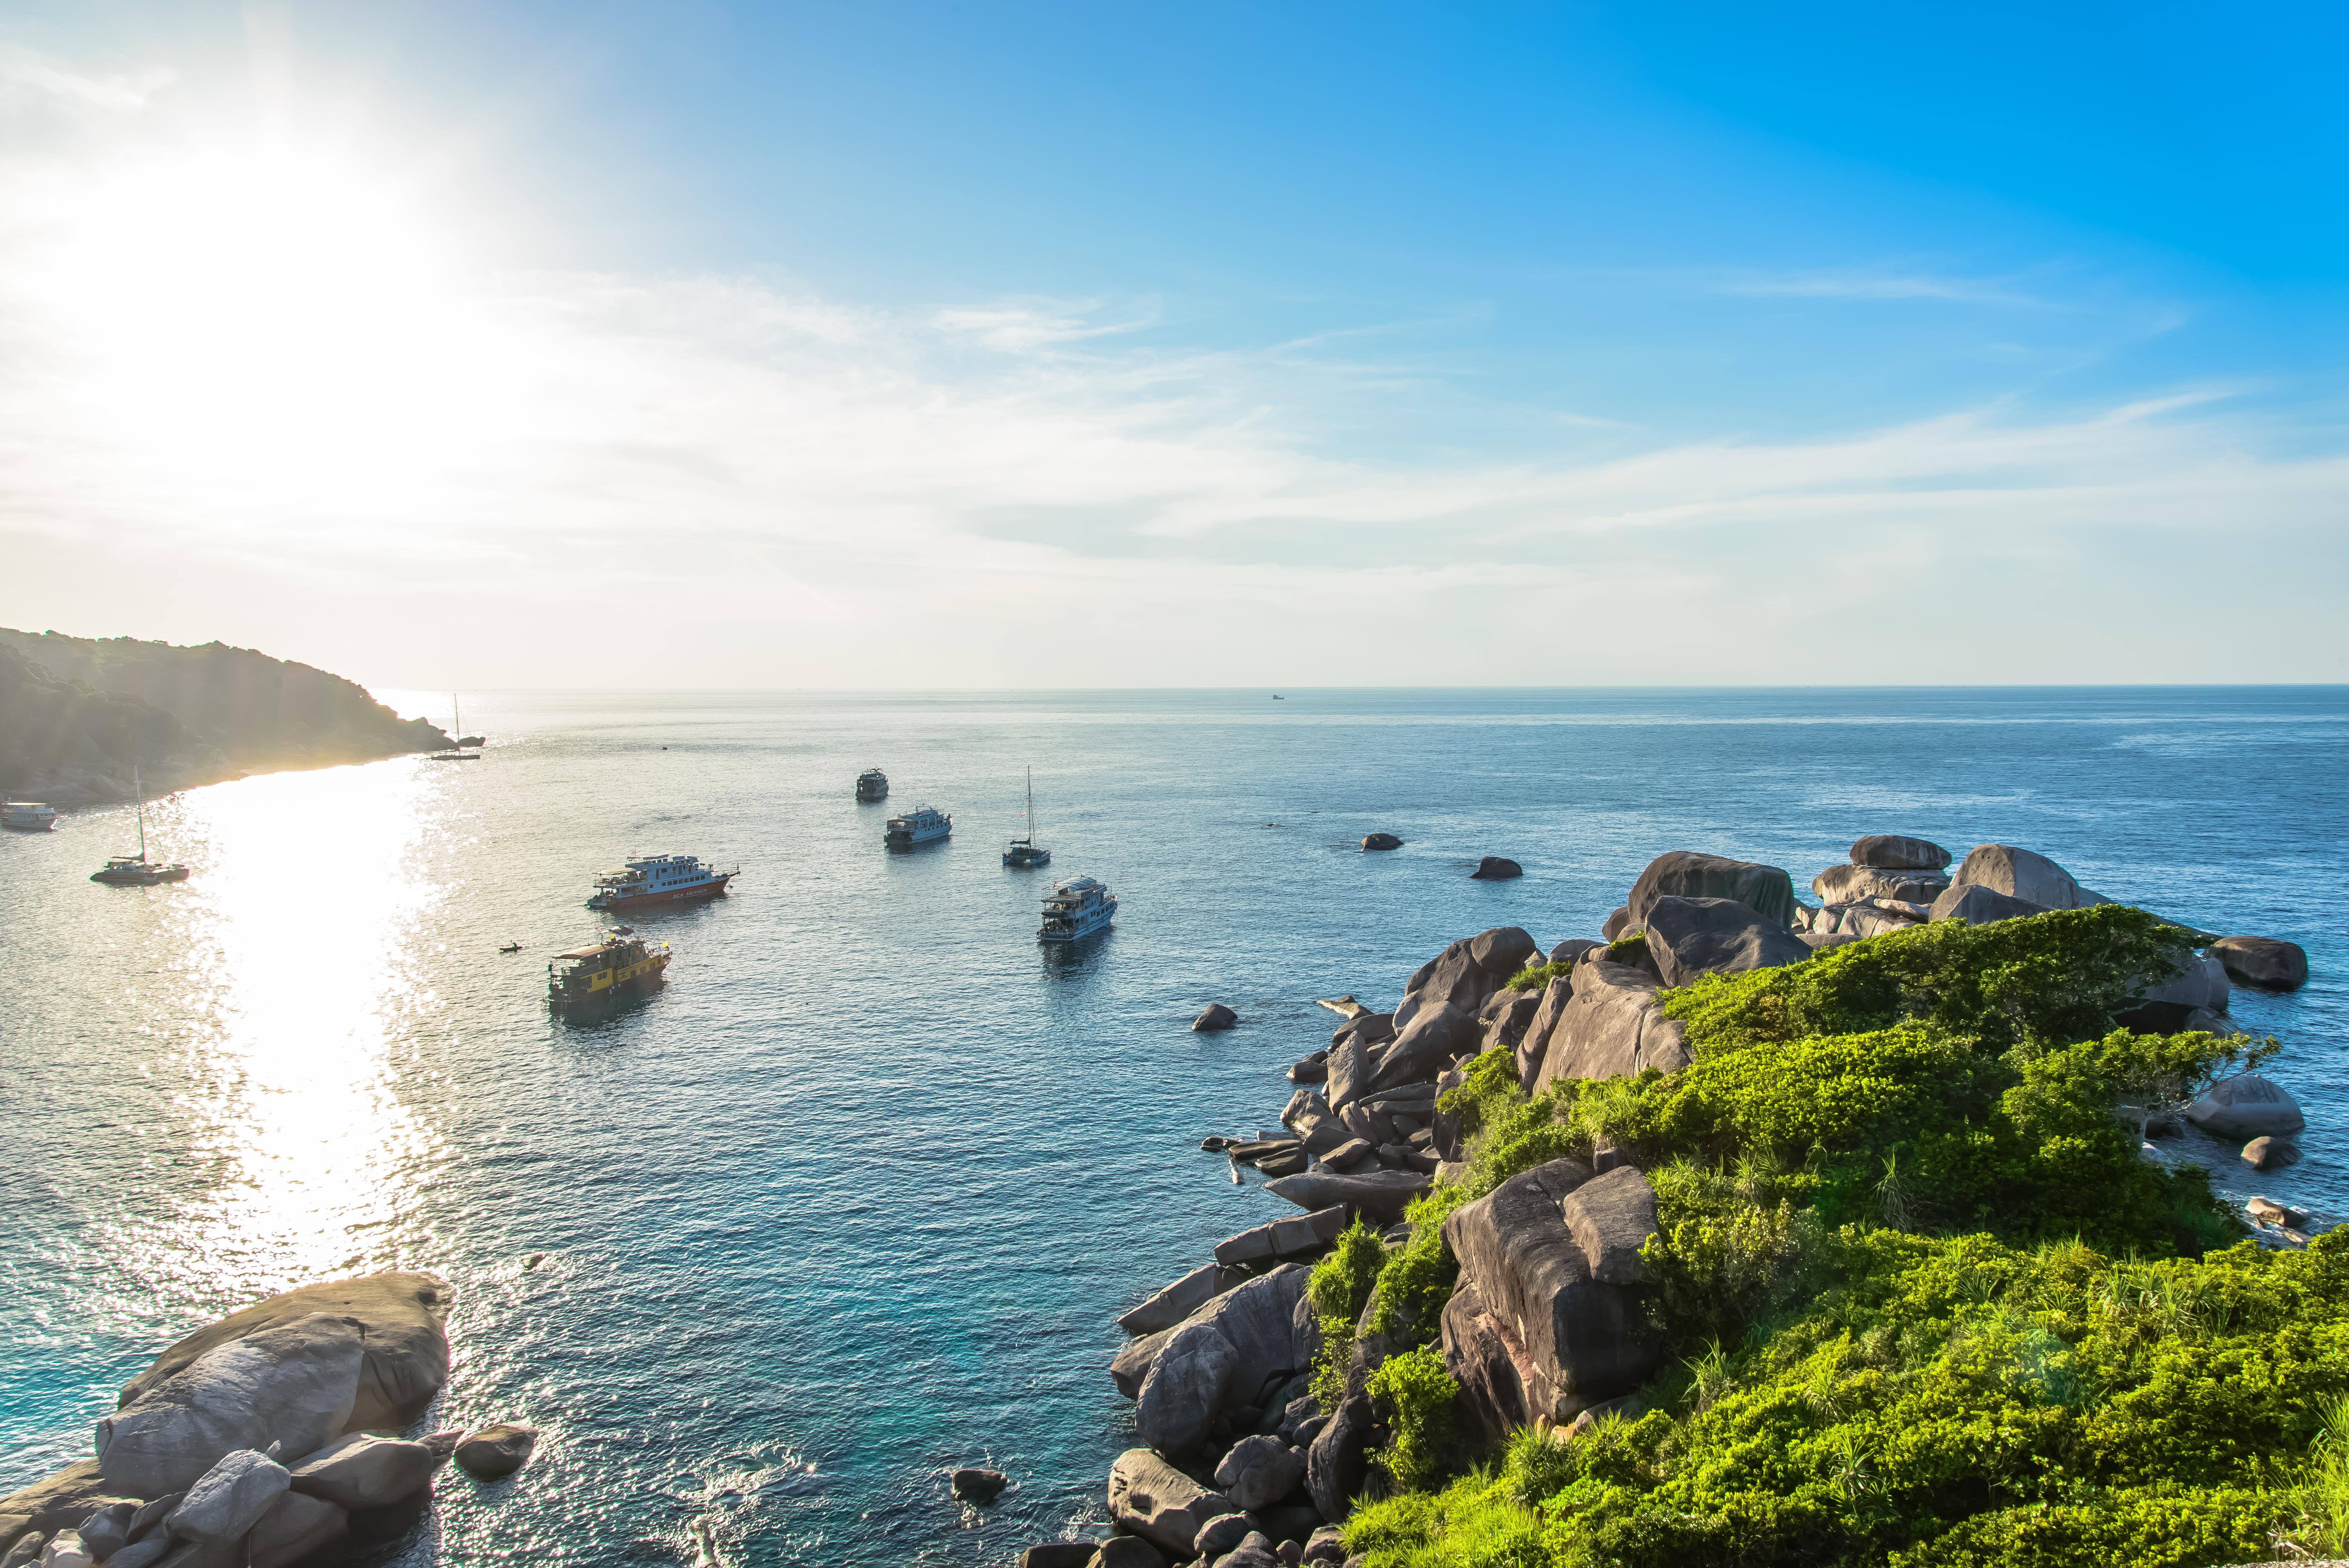 หมู่เกาะสิมิลัน - อุทยานแห่งชาติหมู่เกาะสิมิลัน